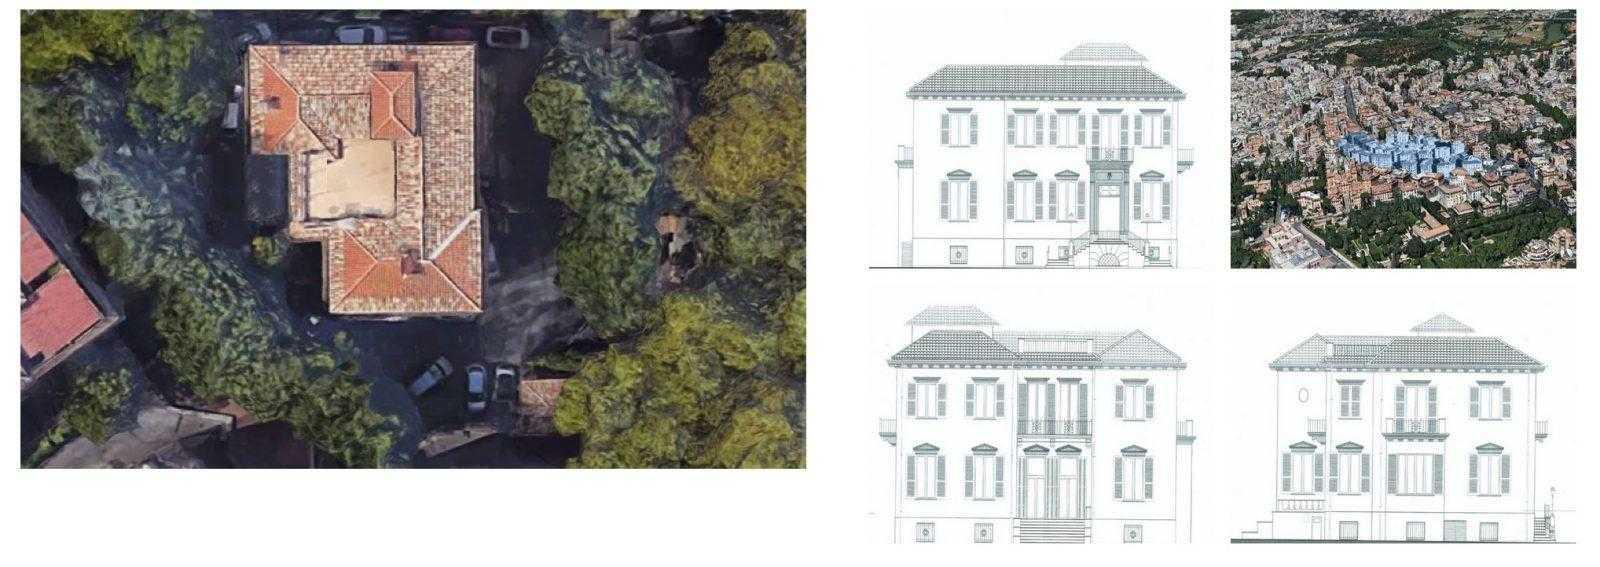 Roma parioli pinciano affitto villa liberty for Affitto studio medico roma parioli